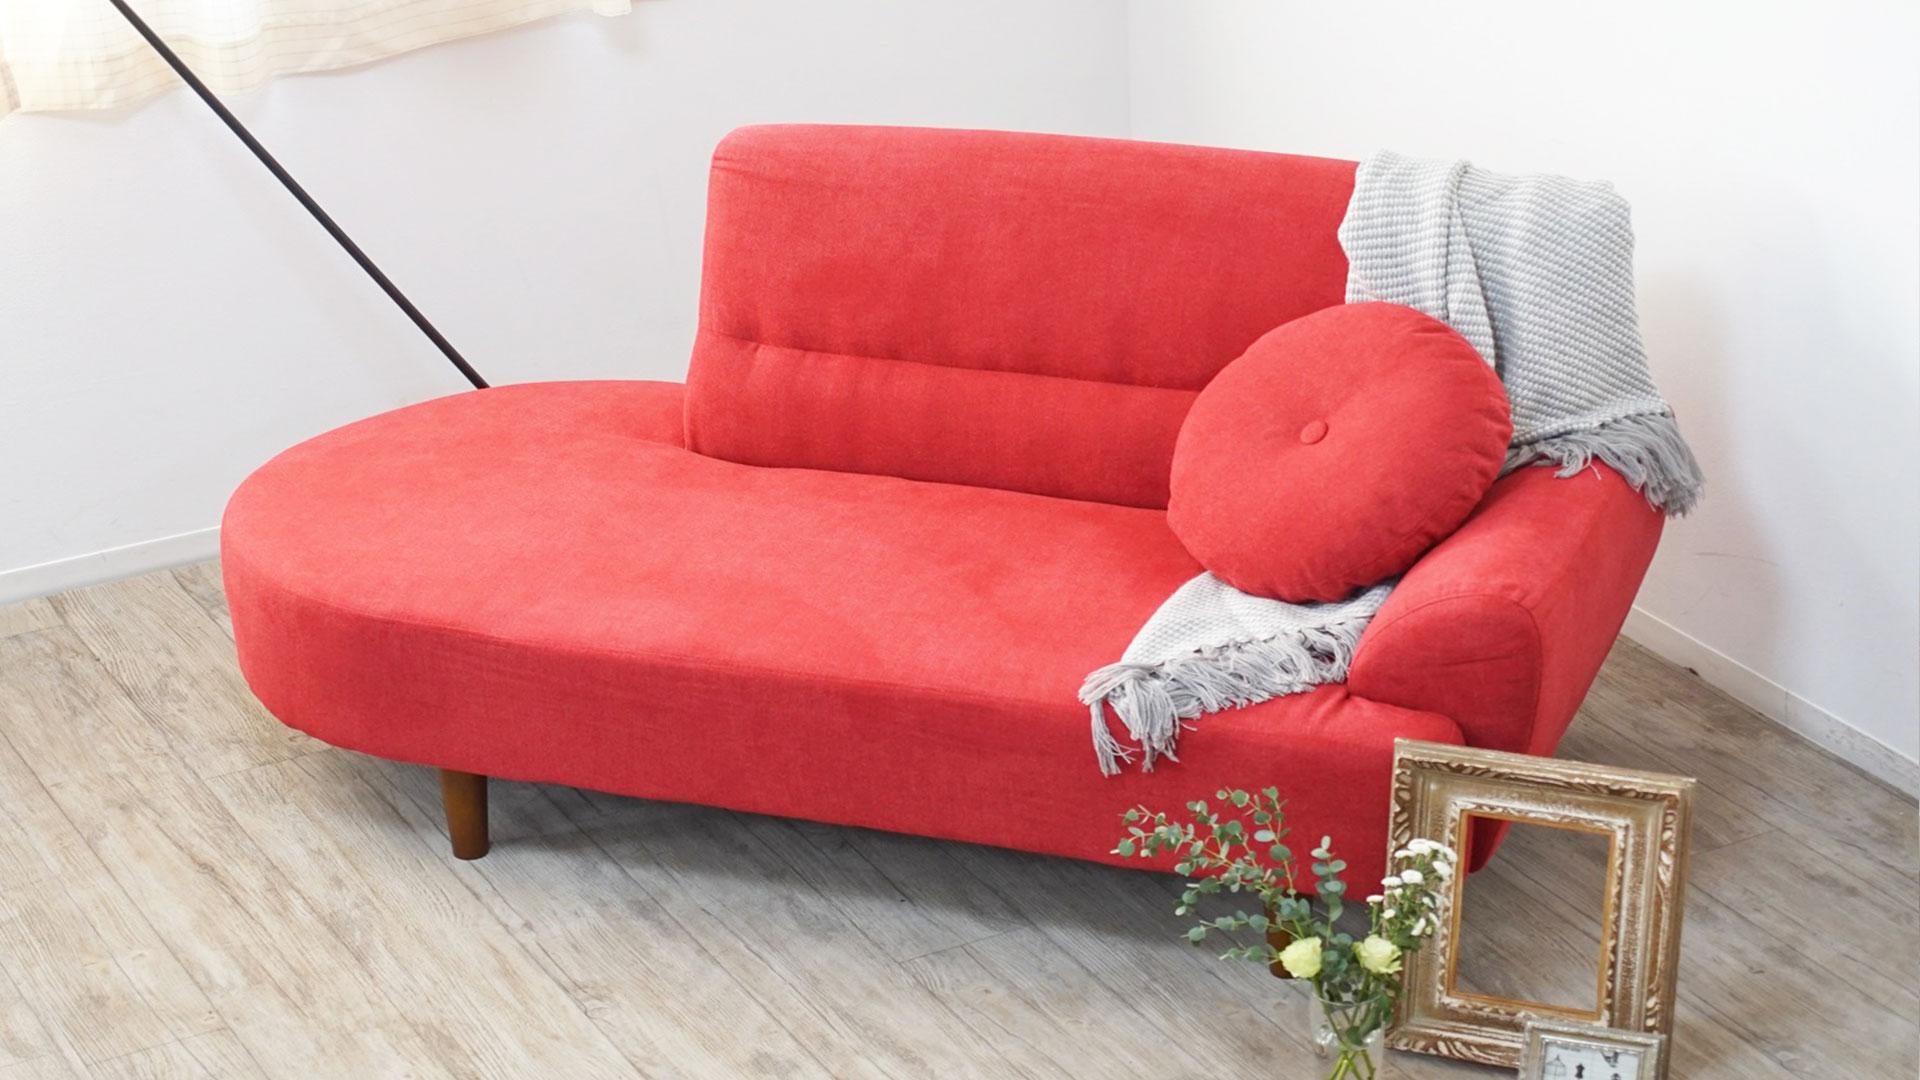 リビンズの2人掛けソファ「マチルダ」の展示